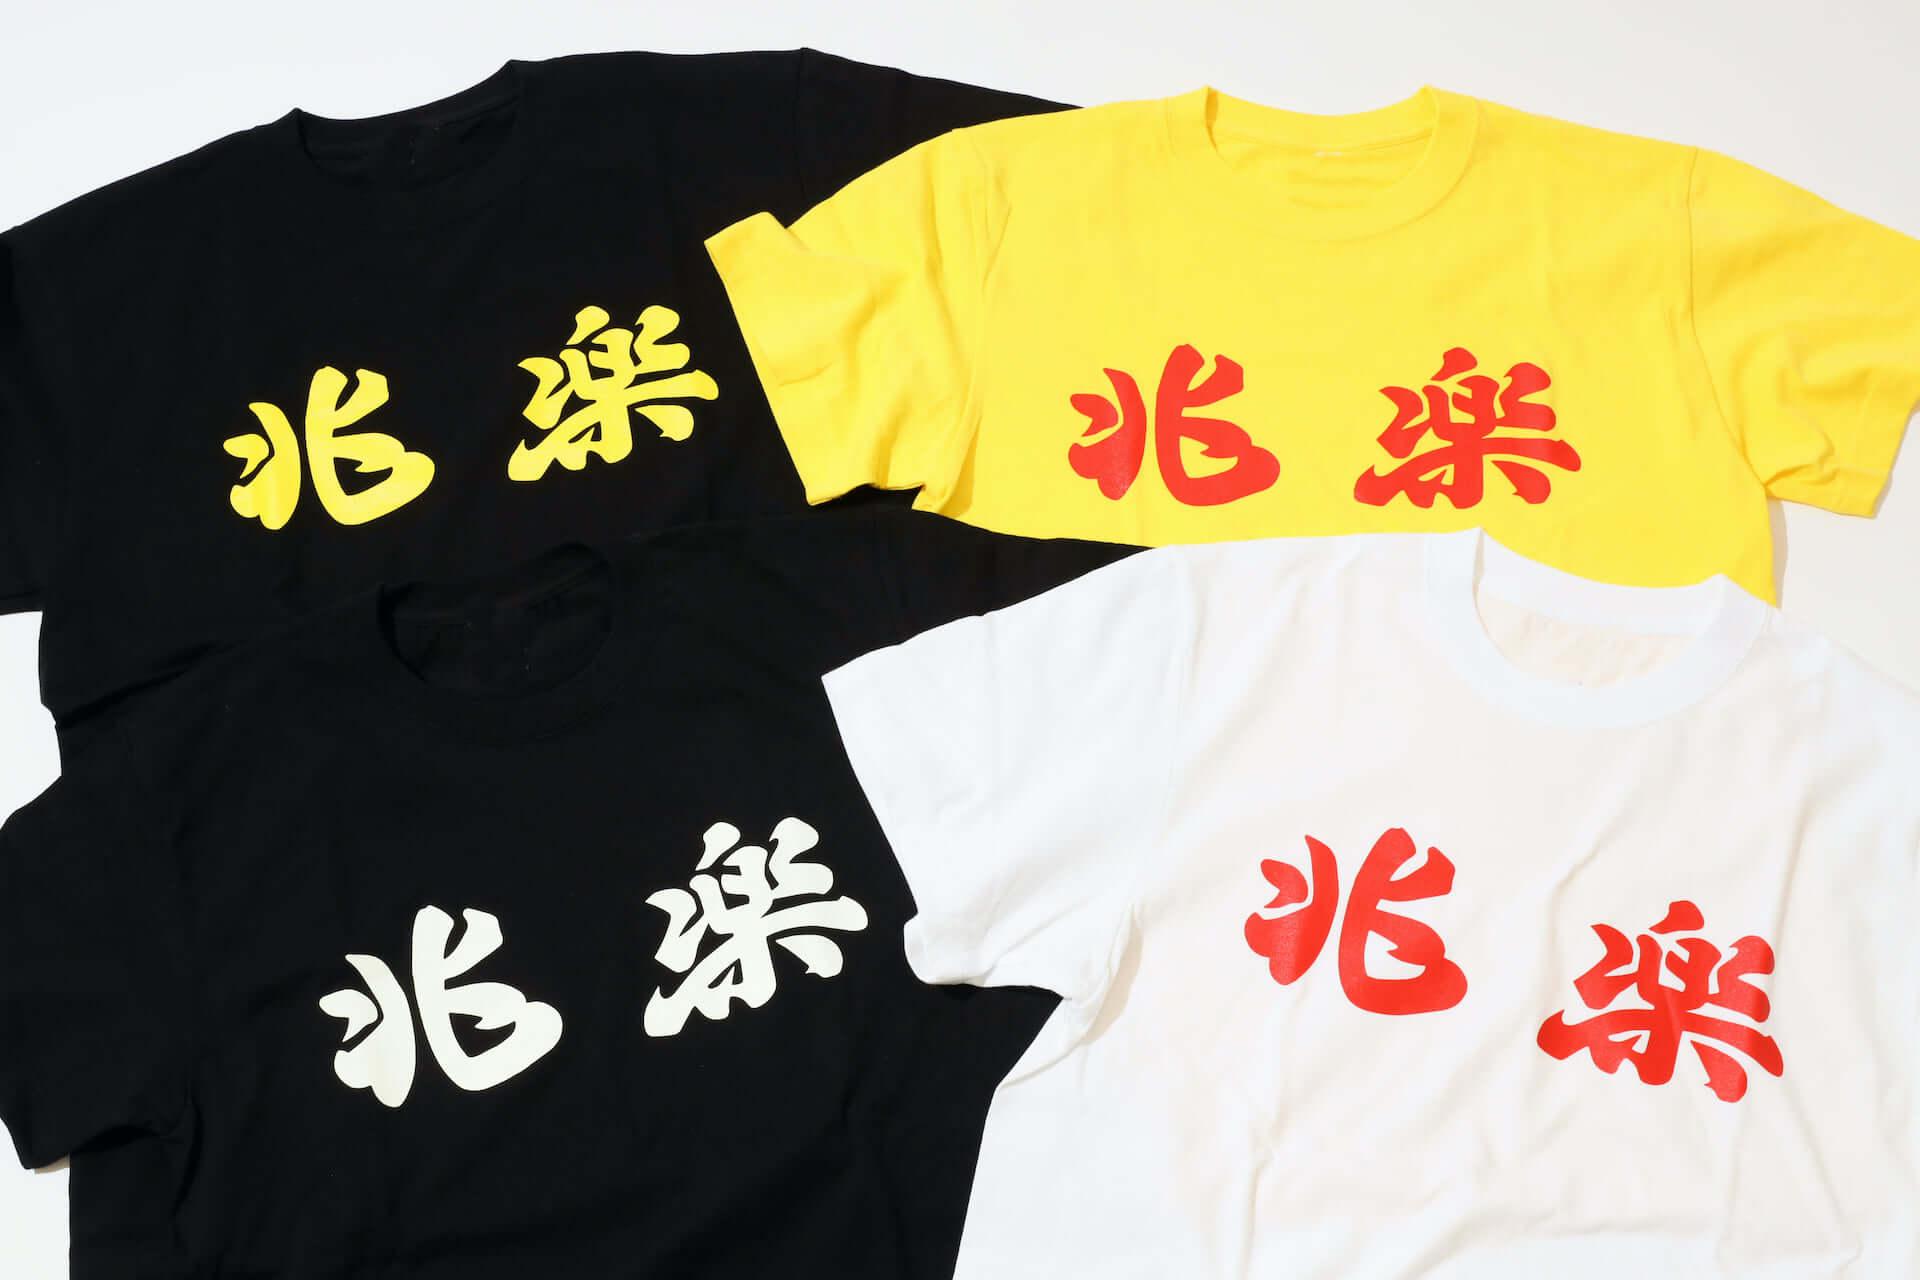 渋谷の街中華・兆楽とJOURNAL STANDARDがコラボ!Tシャツやキャップ、エコバッグが受注販売開始 lf210205_choraku-journalstandard_2-1920x1280